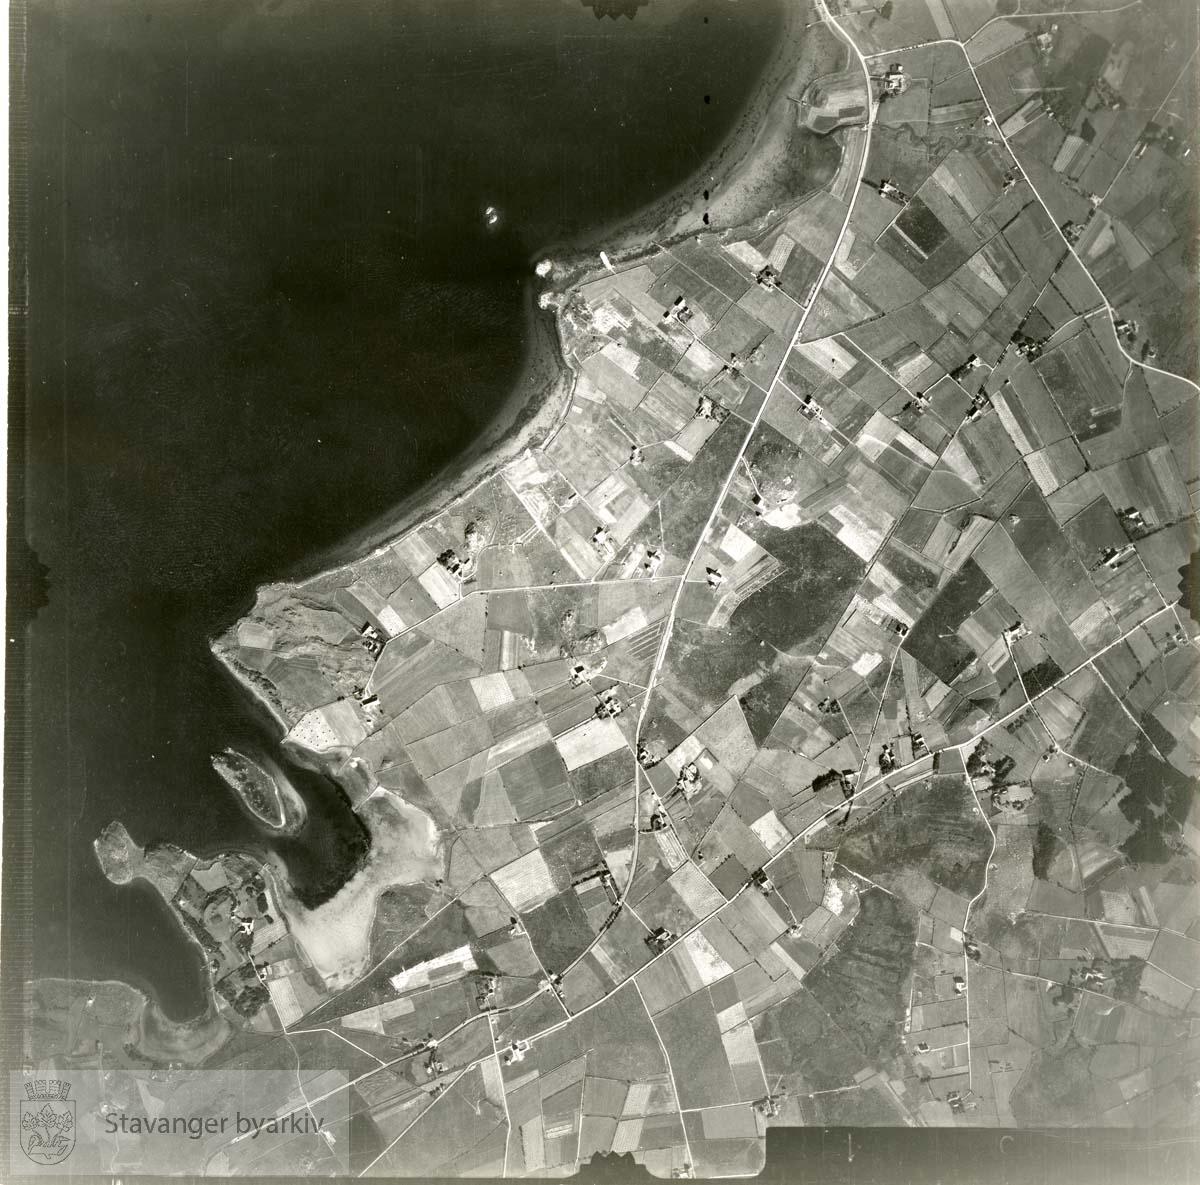 Jfr. kart/fotoplan D26/451..Se ByStW_Uca_002 (kan lastes ned under fanen for kart på Stavangerbilder)